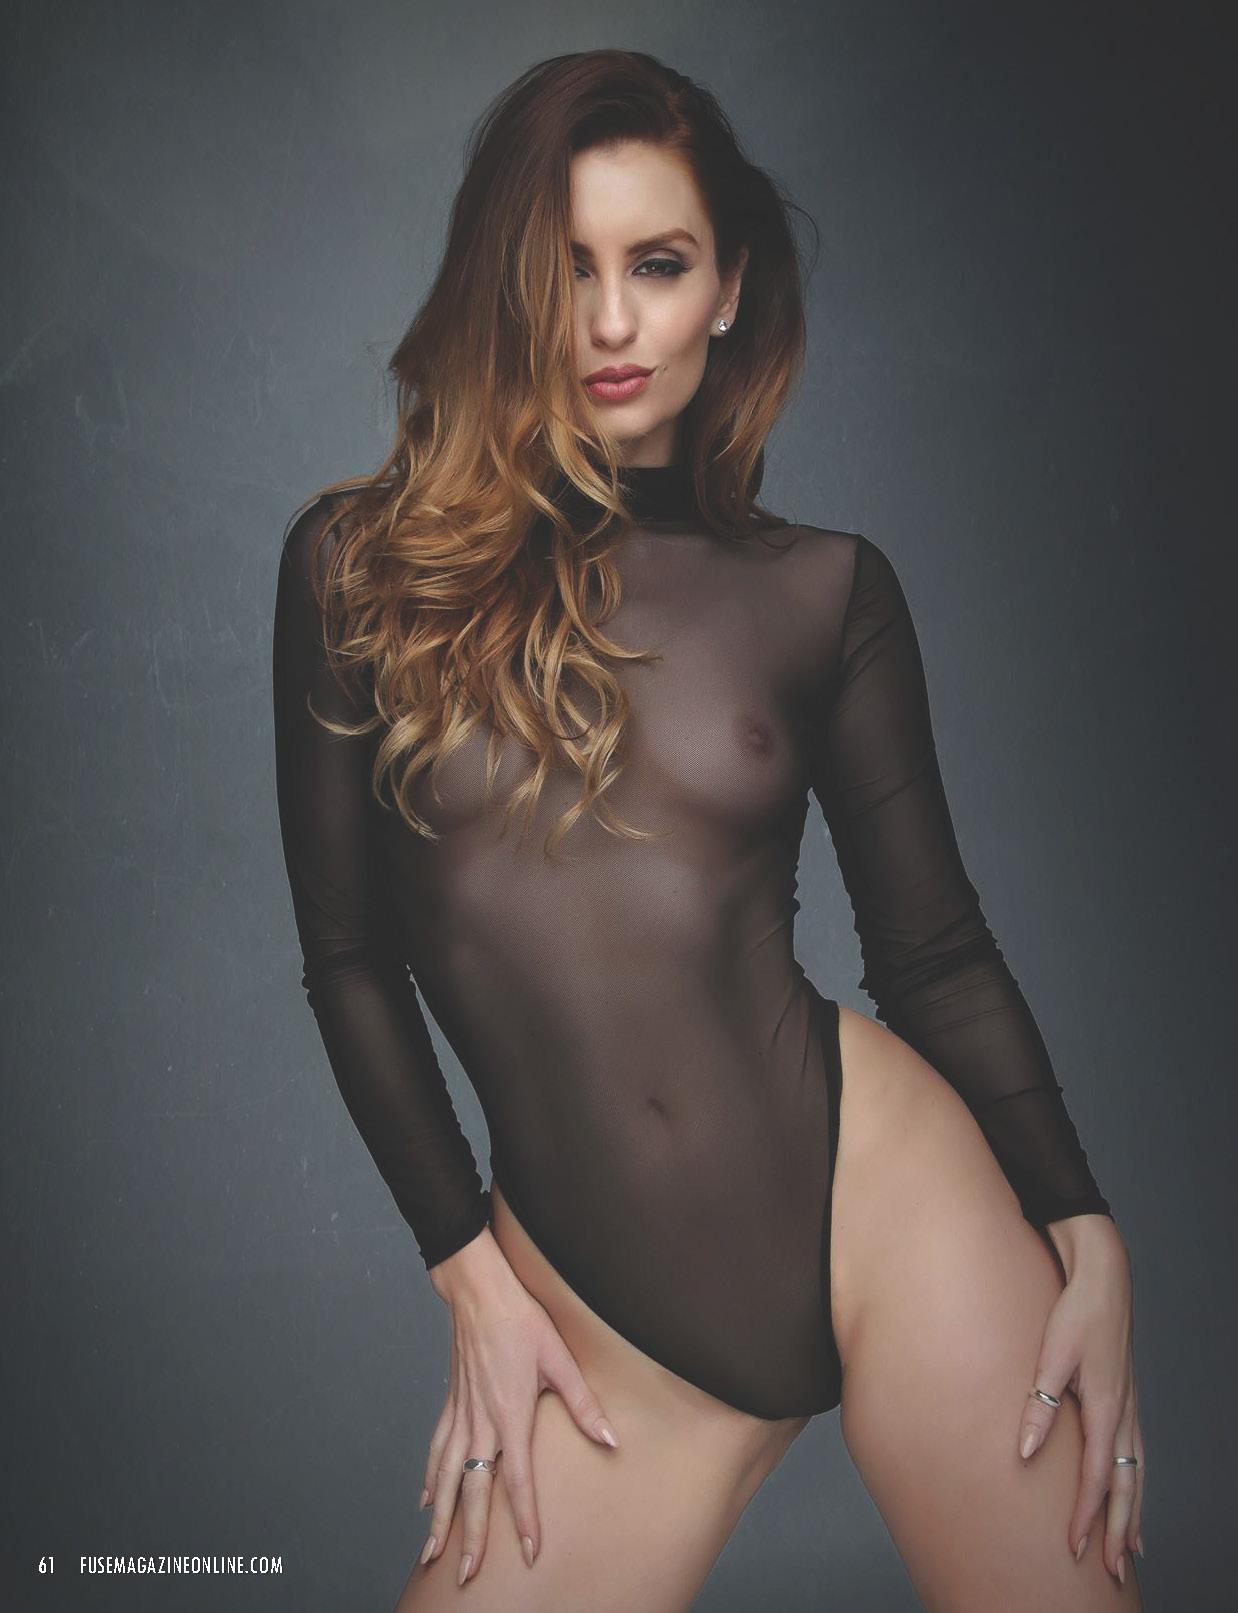 Ava lauren porn actress